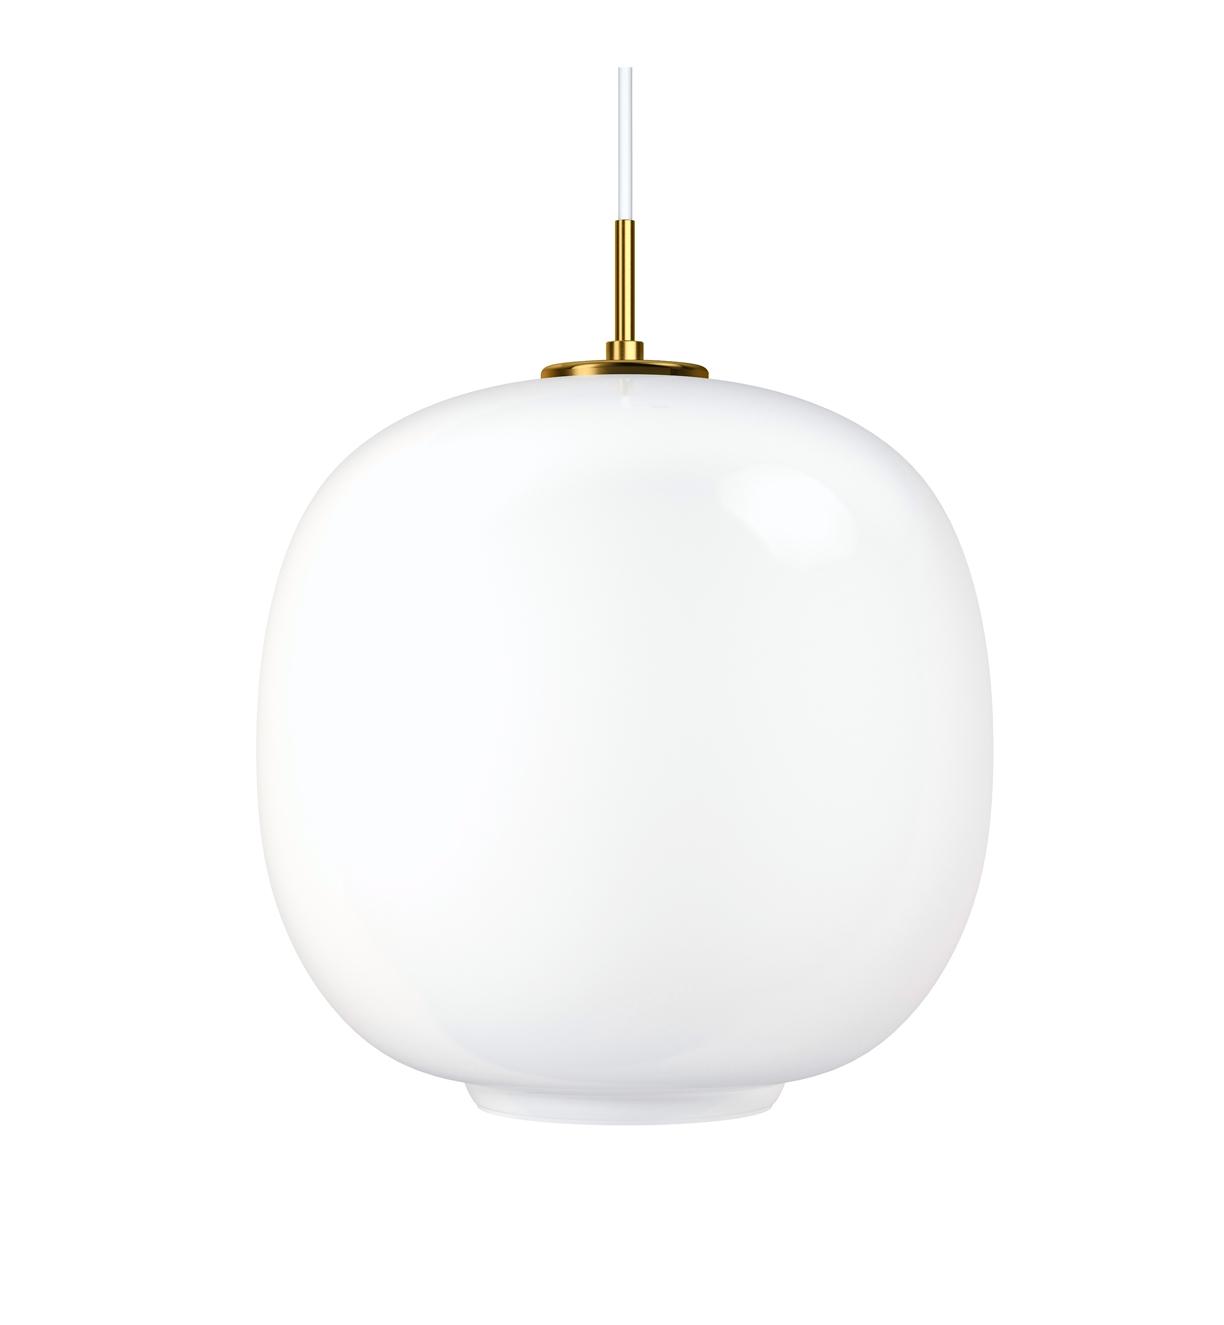 Dansk designs 25 bedste lamper   Mainlifestyle